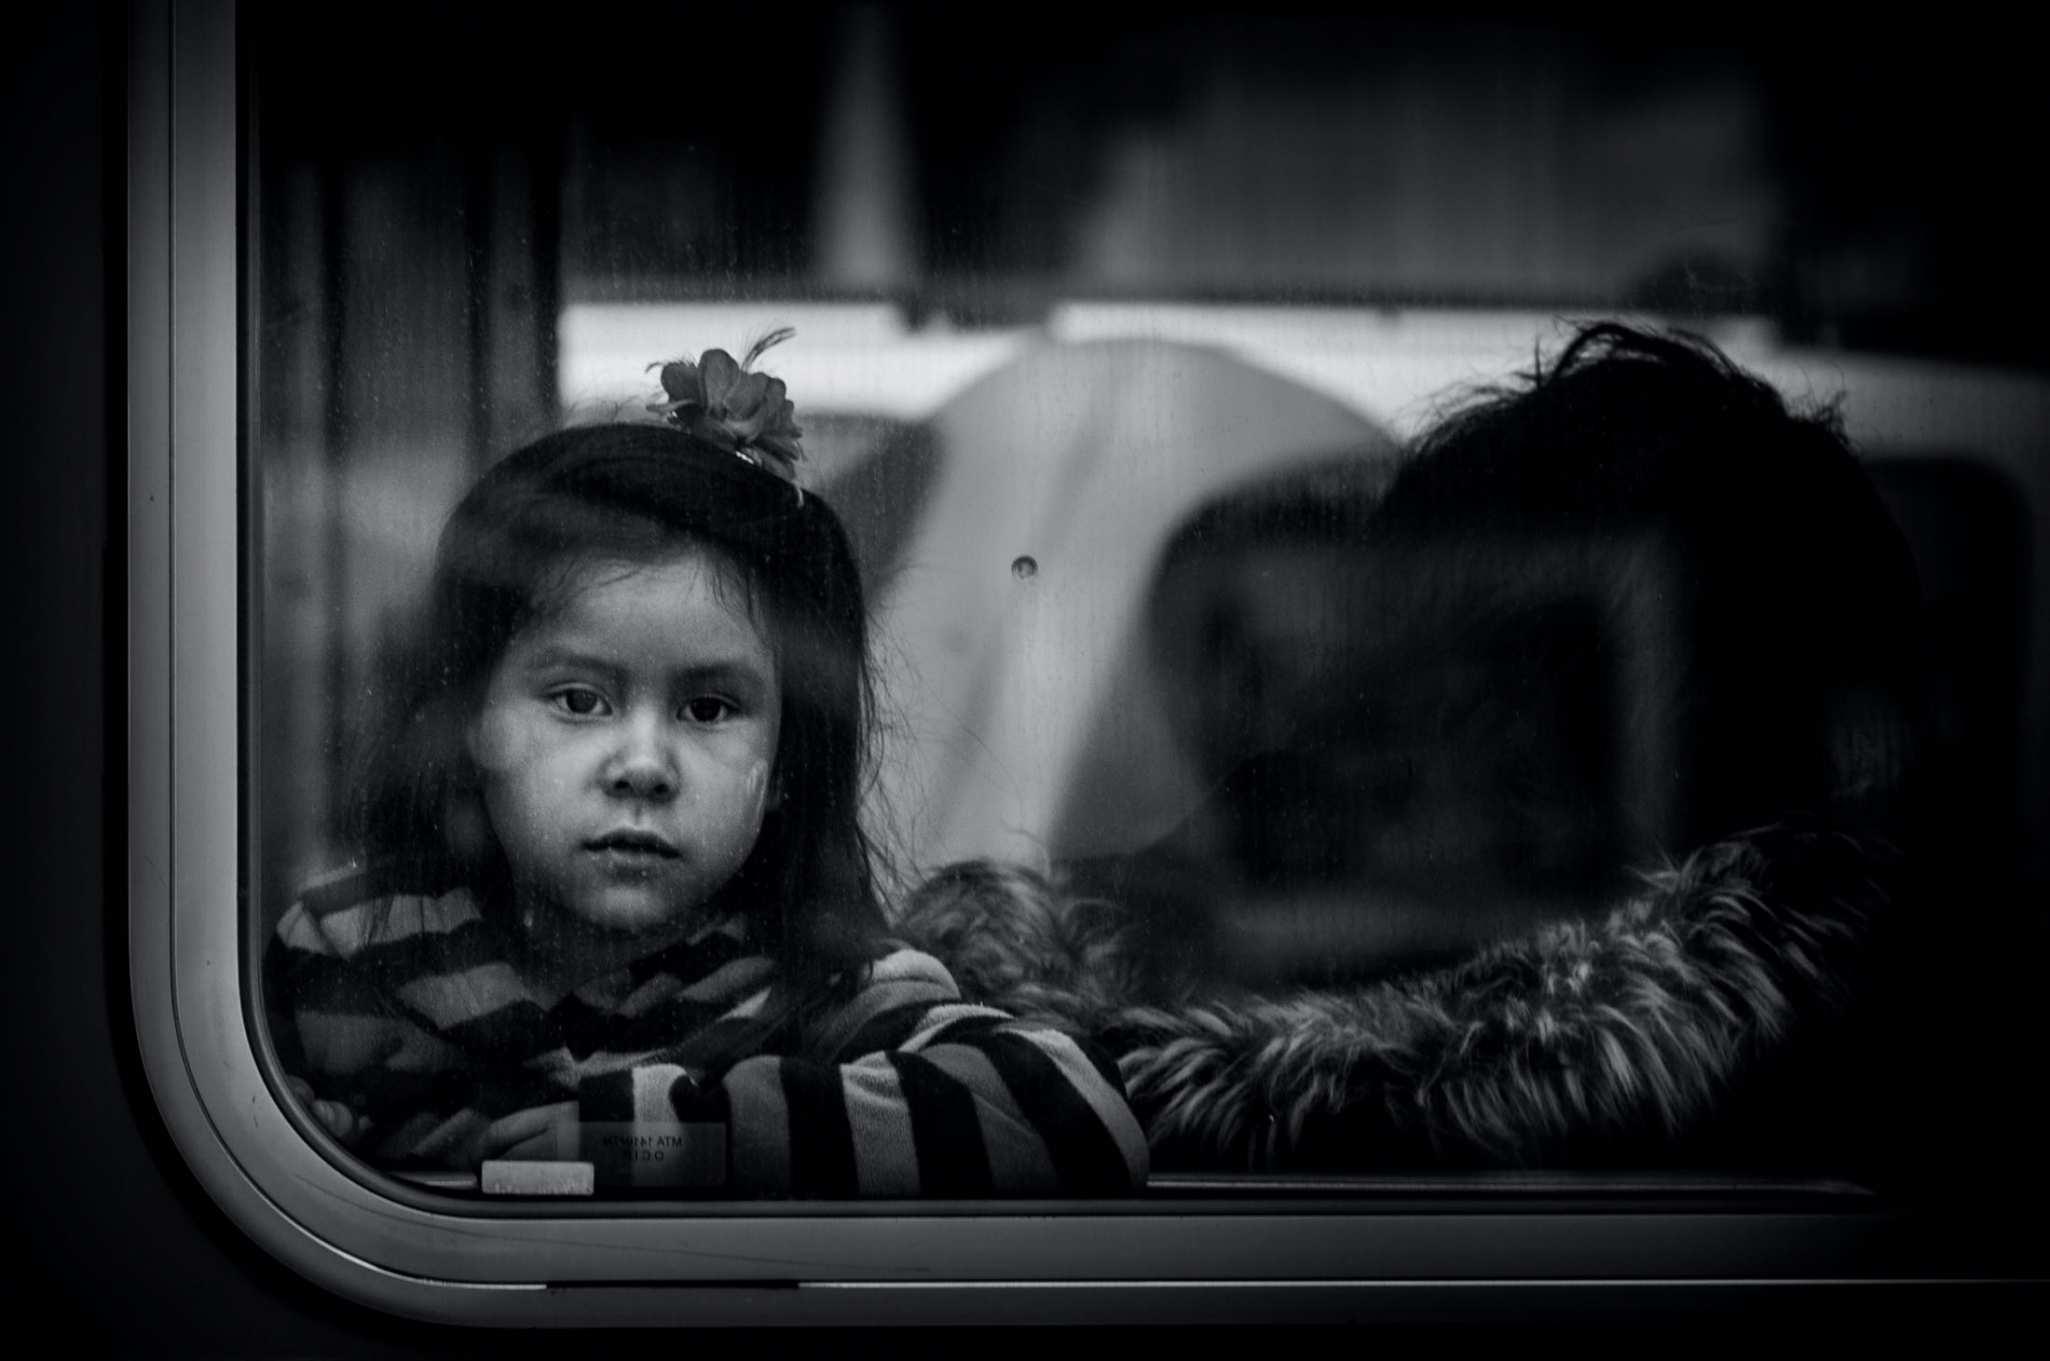 Girl on a Bus